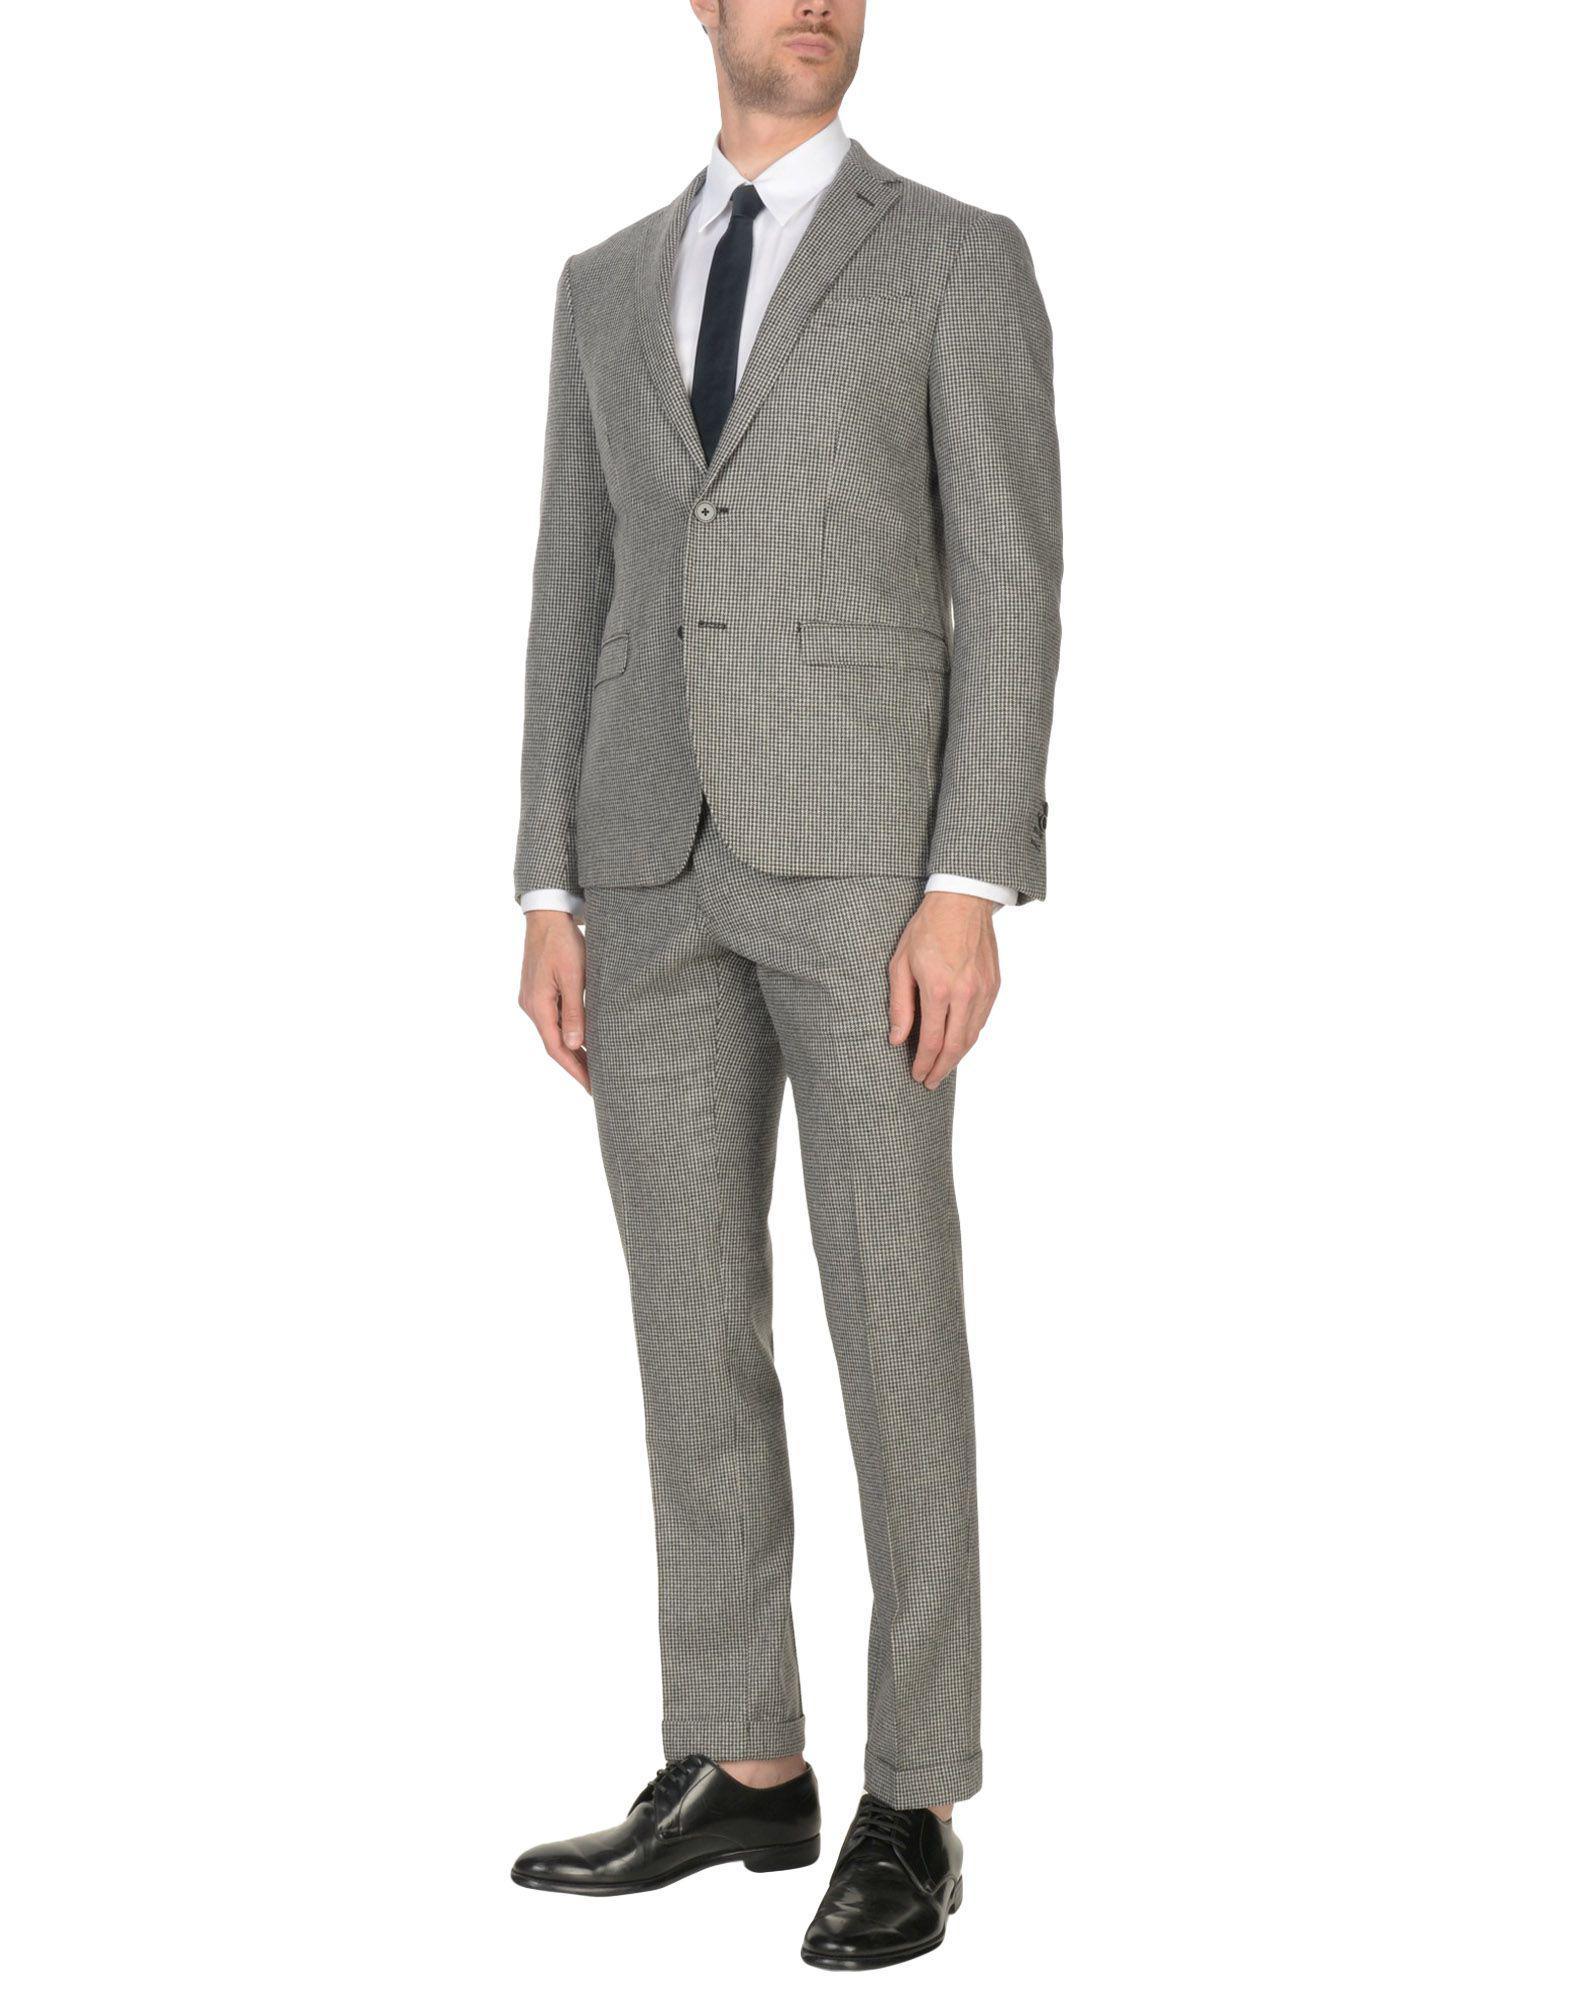 Lyst - Costume Domenico Tagliente pour homme en coloris Gris 872bfc41785